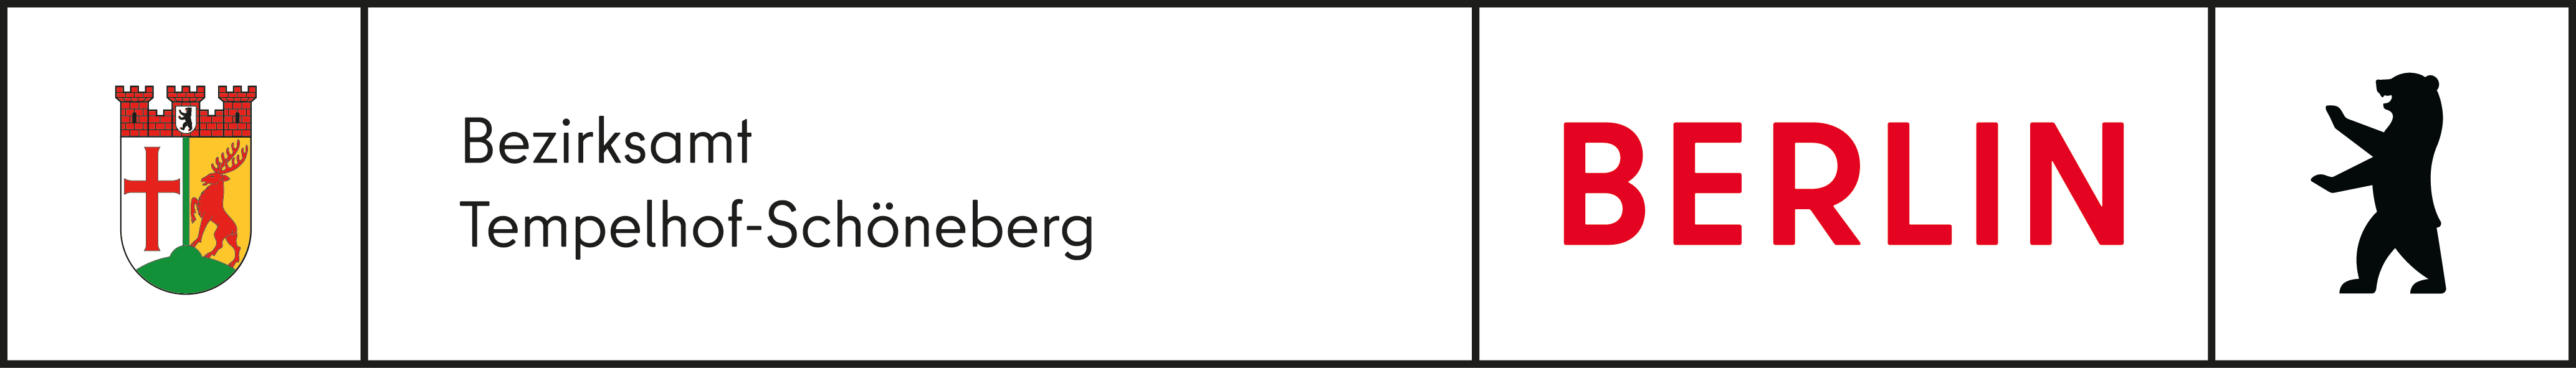 logo-bezirksamt-berlin-tempelhof-schoeneberg-quer